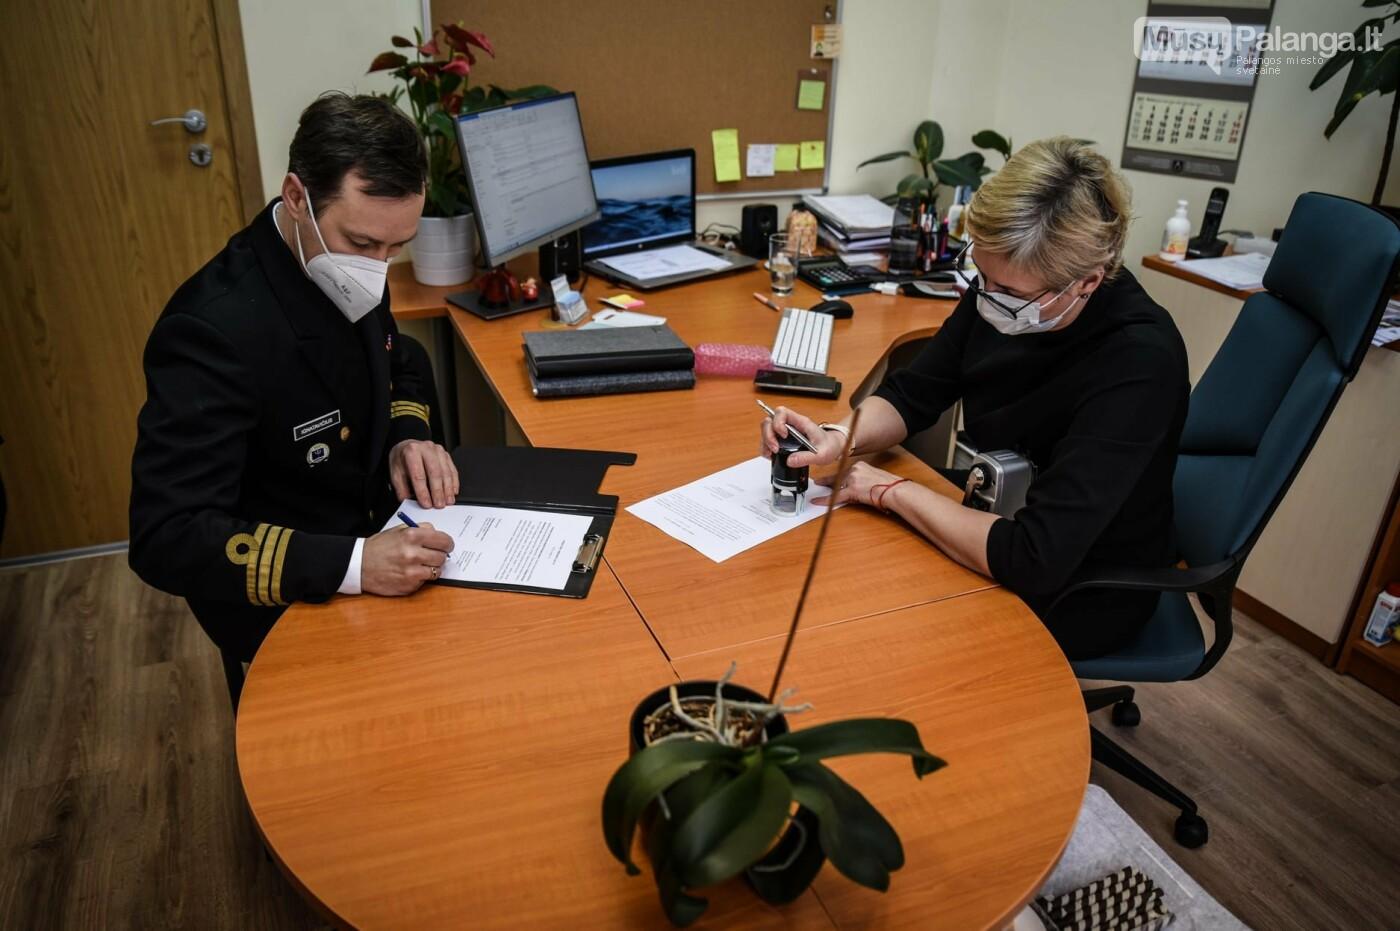 """Vasario 5 dieną tarp asociacijos ,,Karinių jūrų pajėgų karininkų klubas"""" atstovo Nedo Ignatavičiaus ir Palangos turizmo..., Karinių jūrų pajėgų nuotr."""